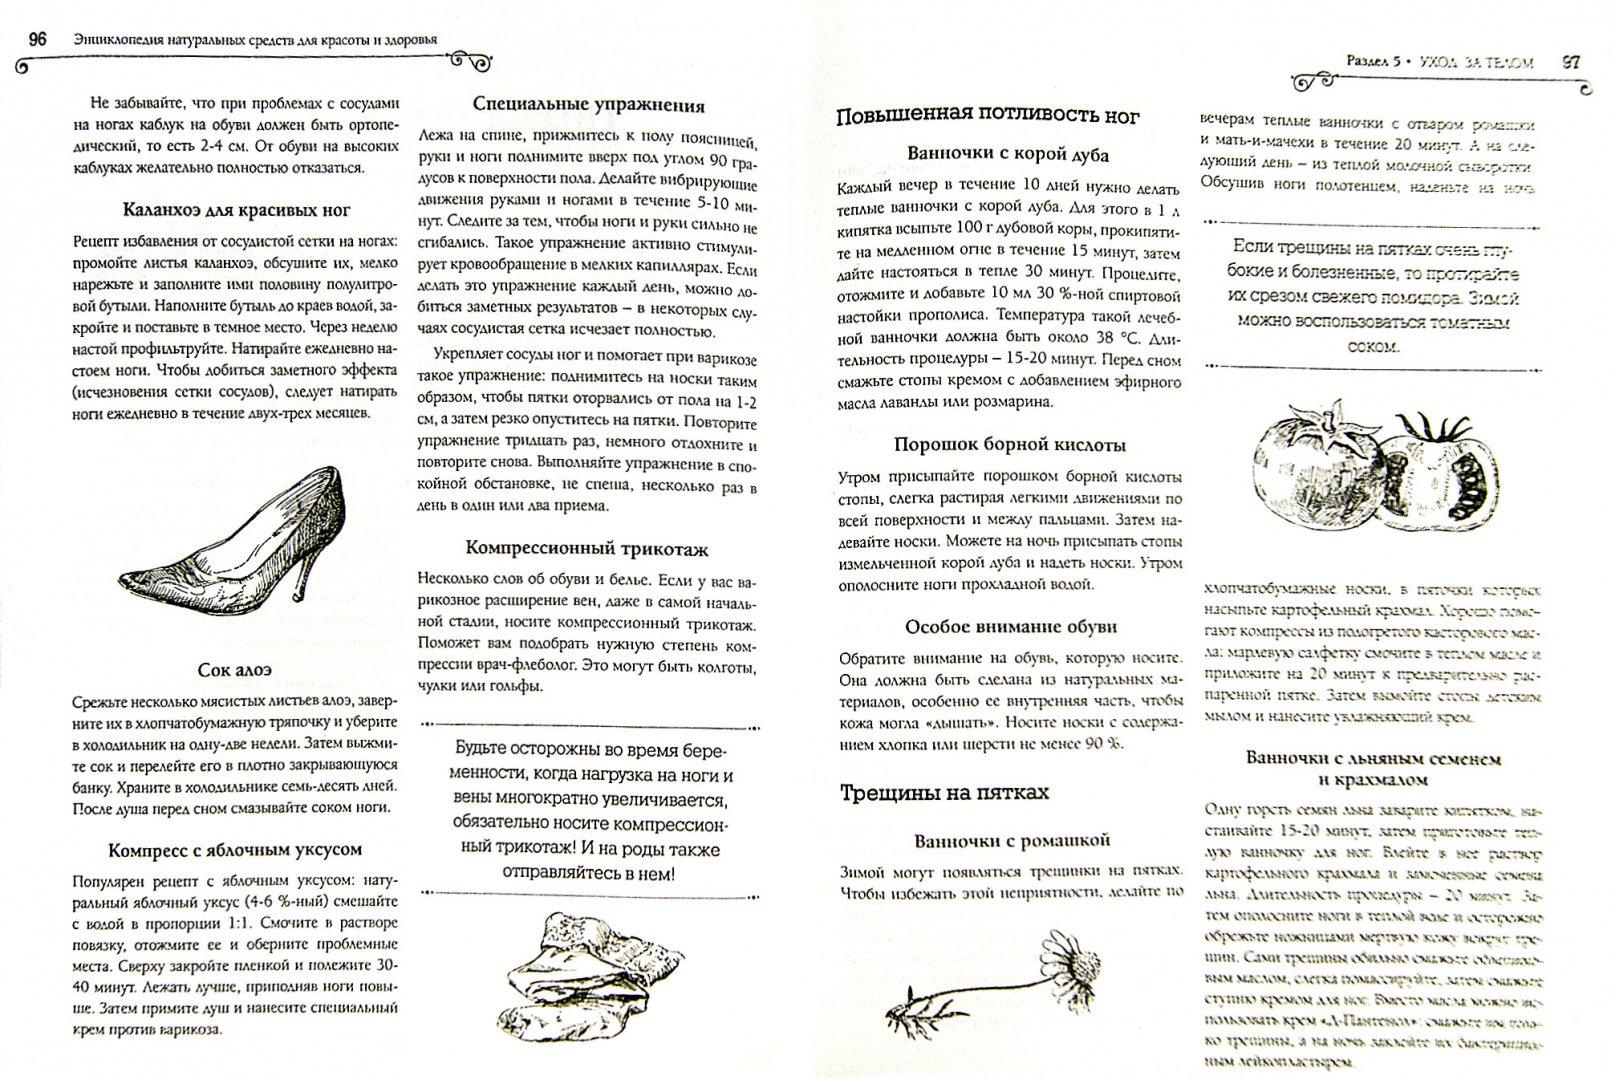 Иллюстрация 1 из 7 для Энциклопедия натуральных средств для красоты и здоровья - О. Варламова | Лабиринт - книги. Источник: Лабиринт